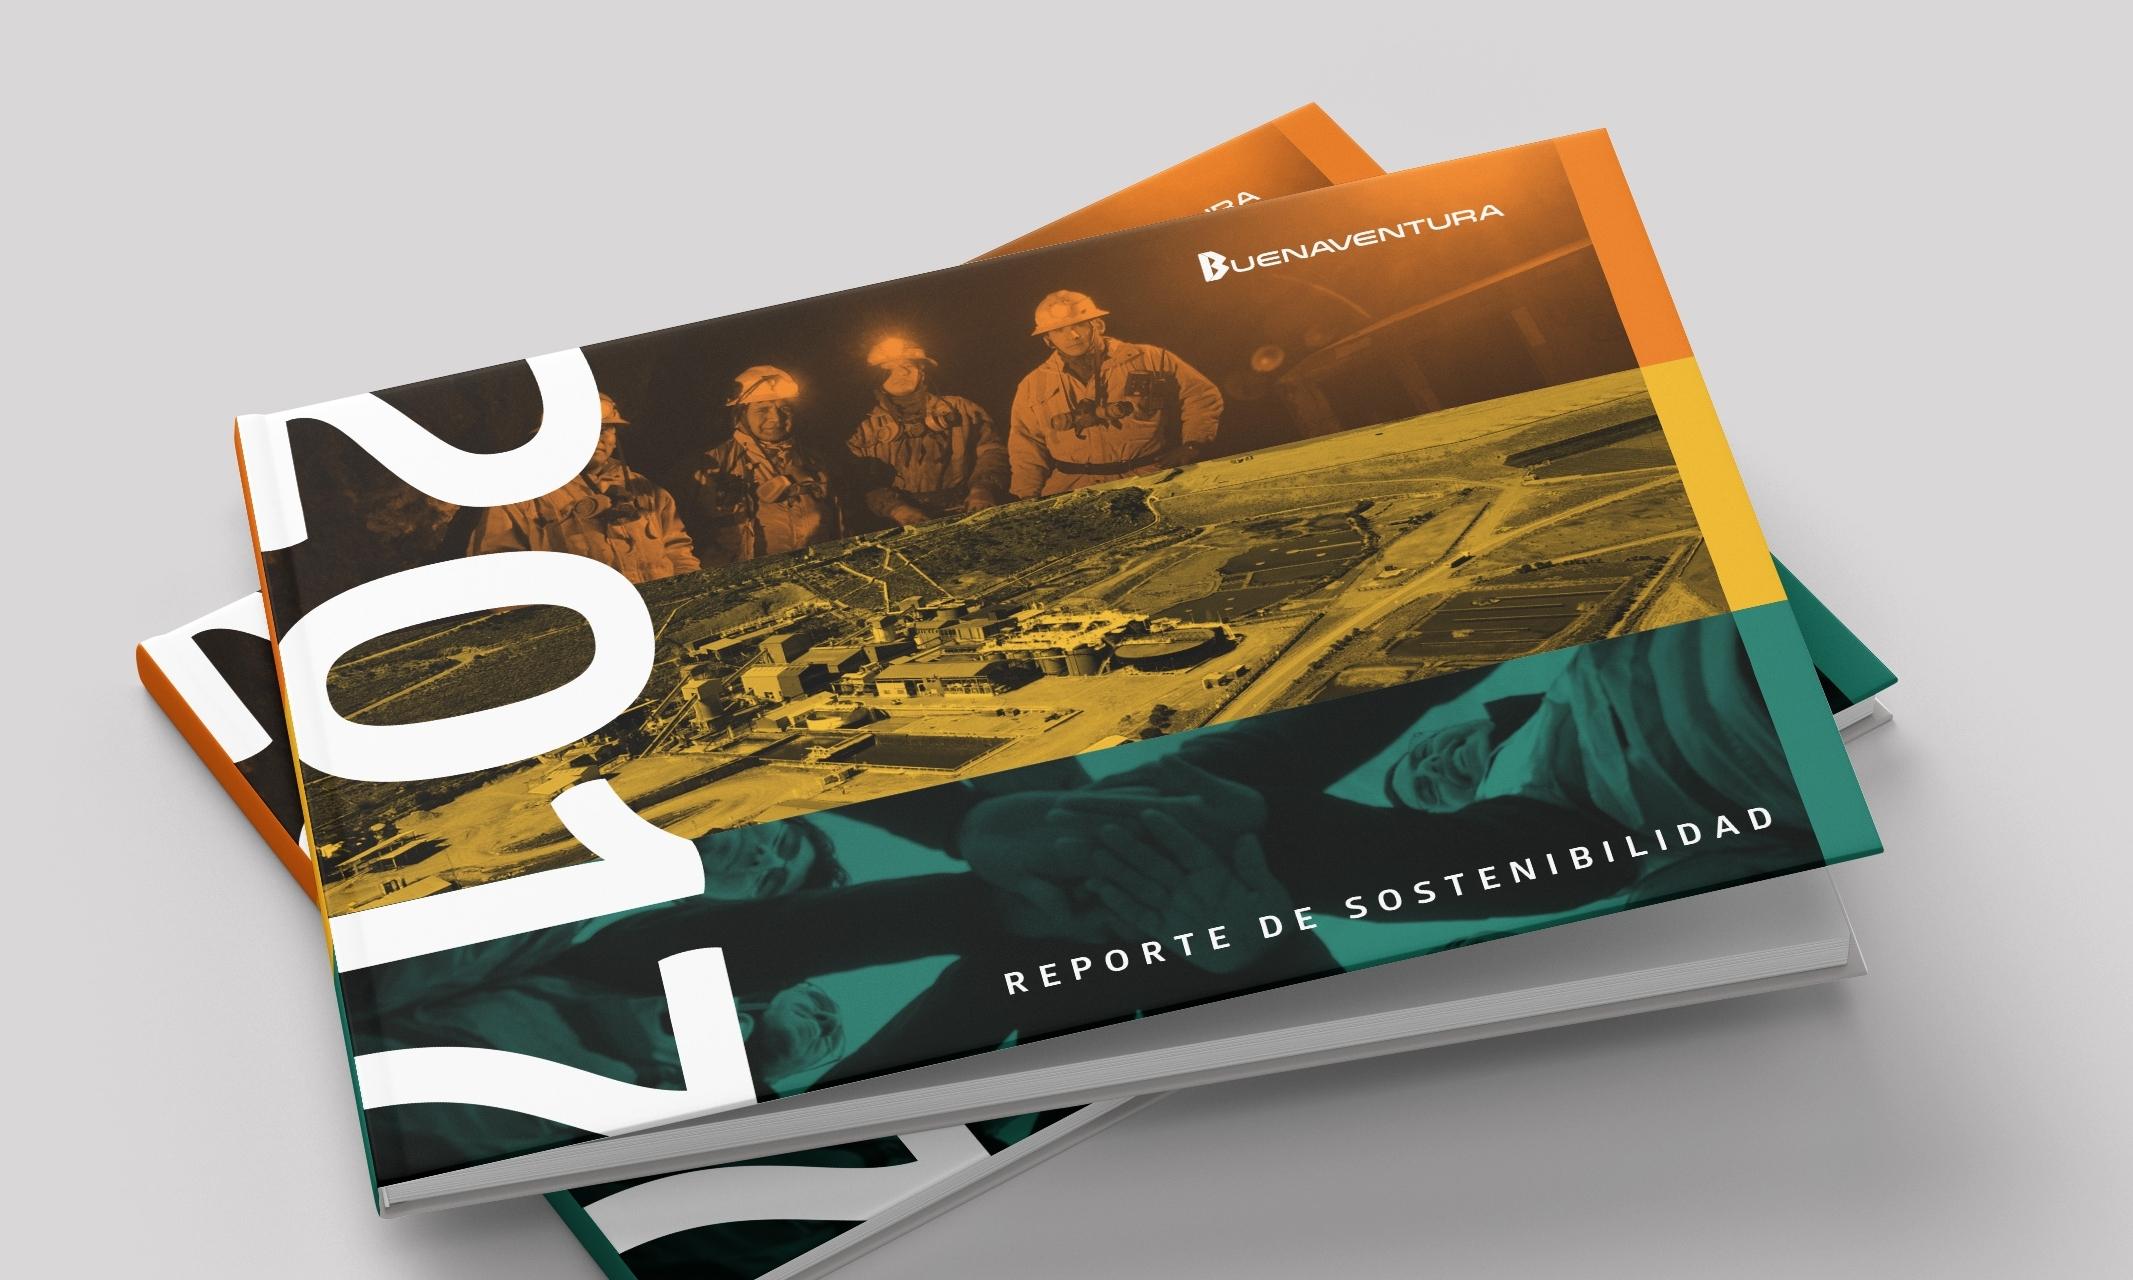 Buenaventura - Comprometidos con la sostenibilidad